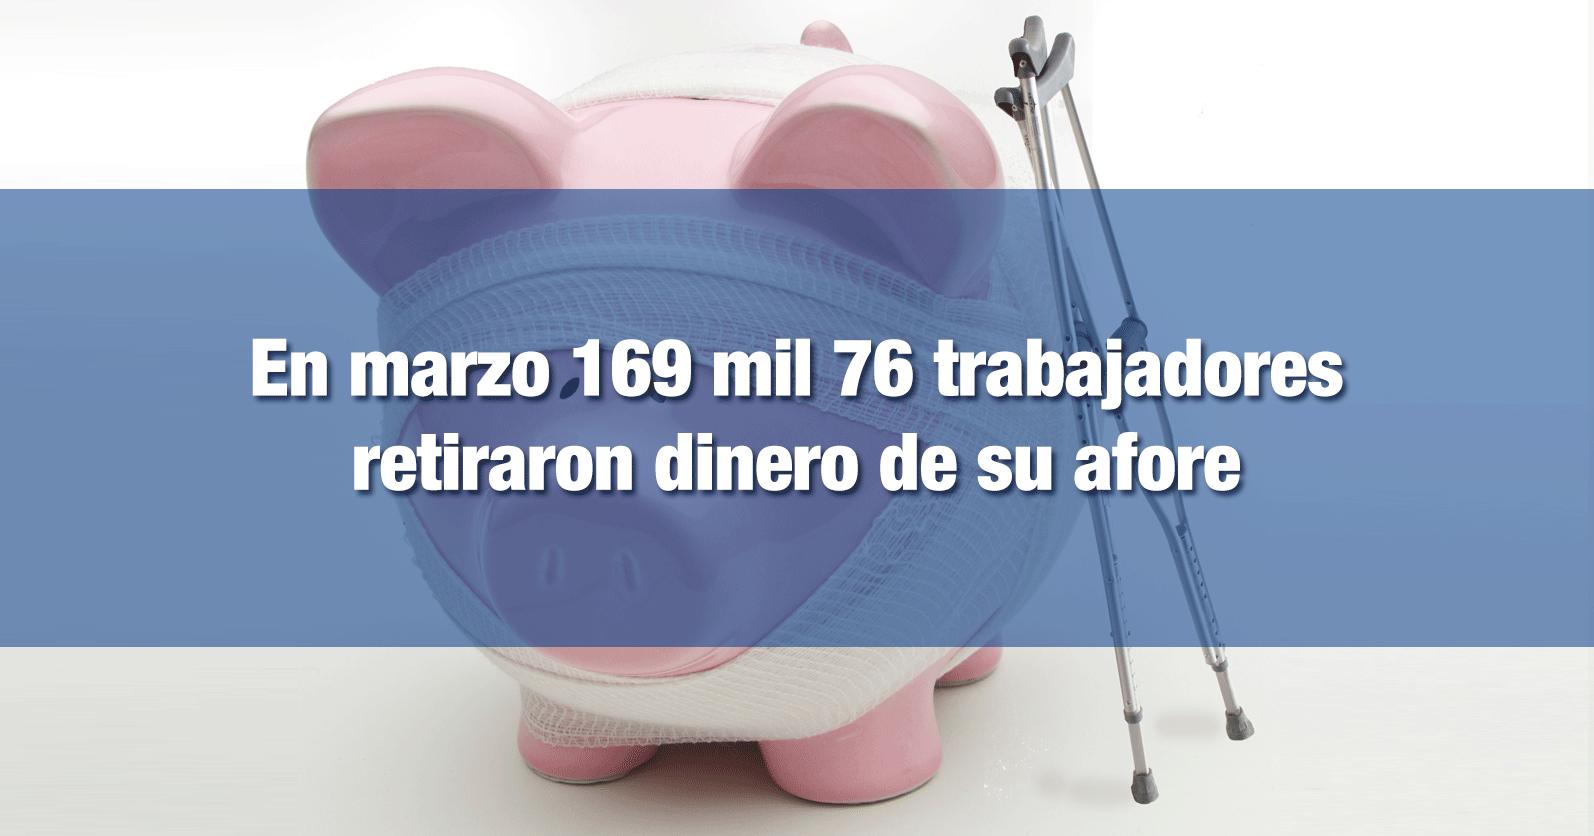 En marzo 169 mil 76 trabajadores retiraron dinero de su afore